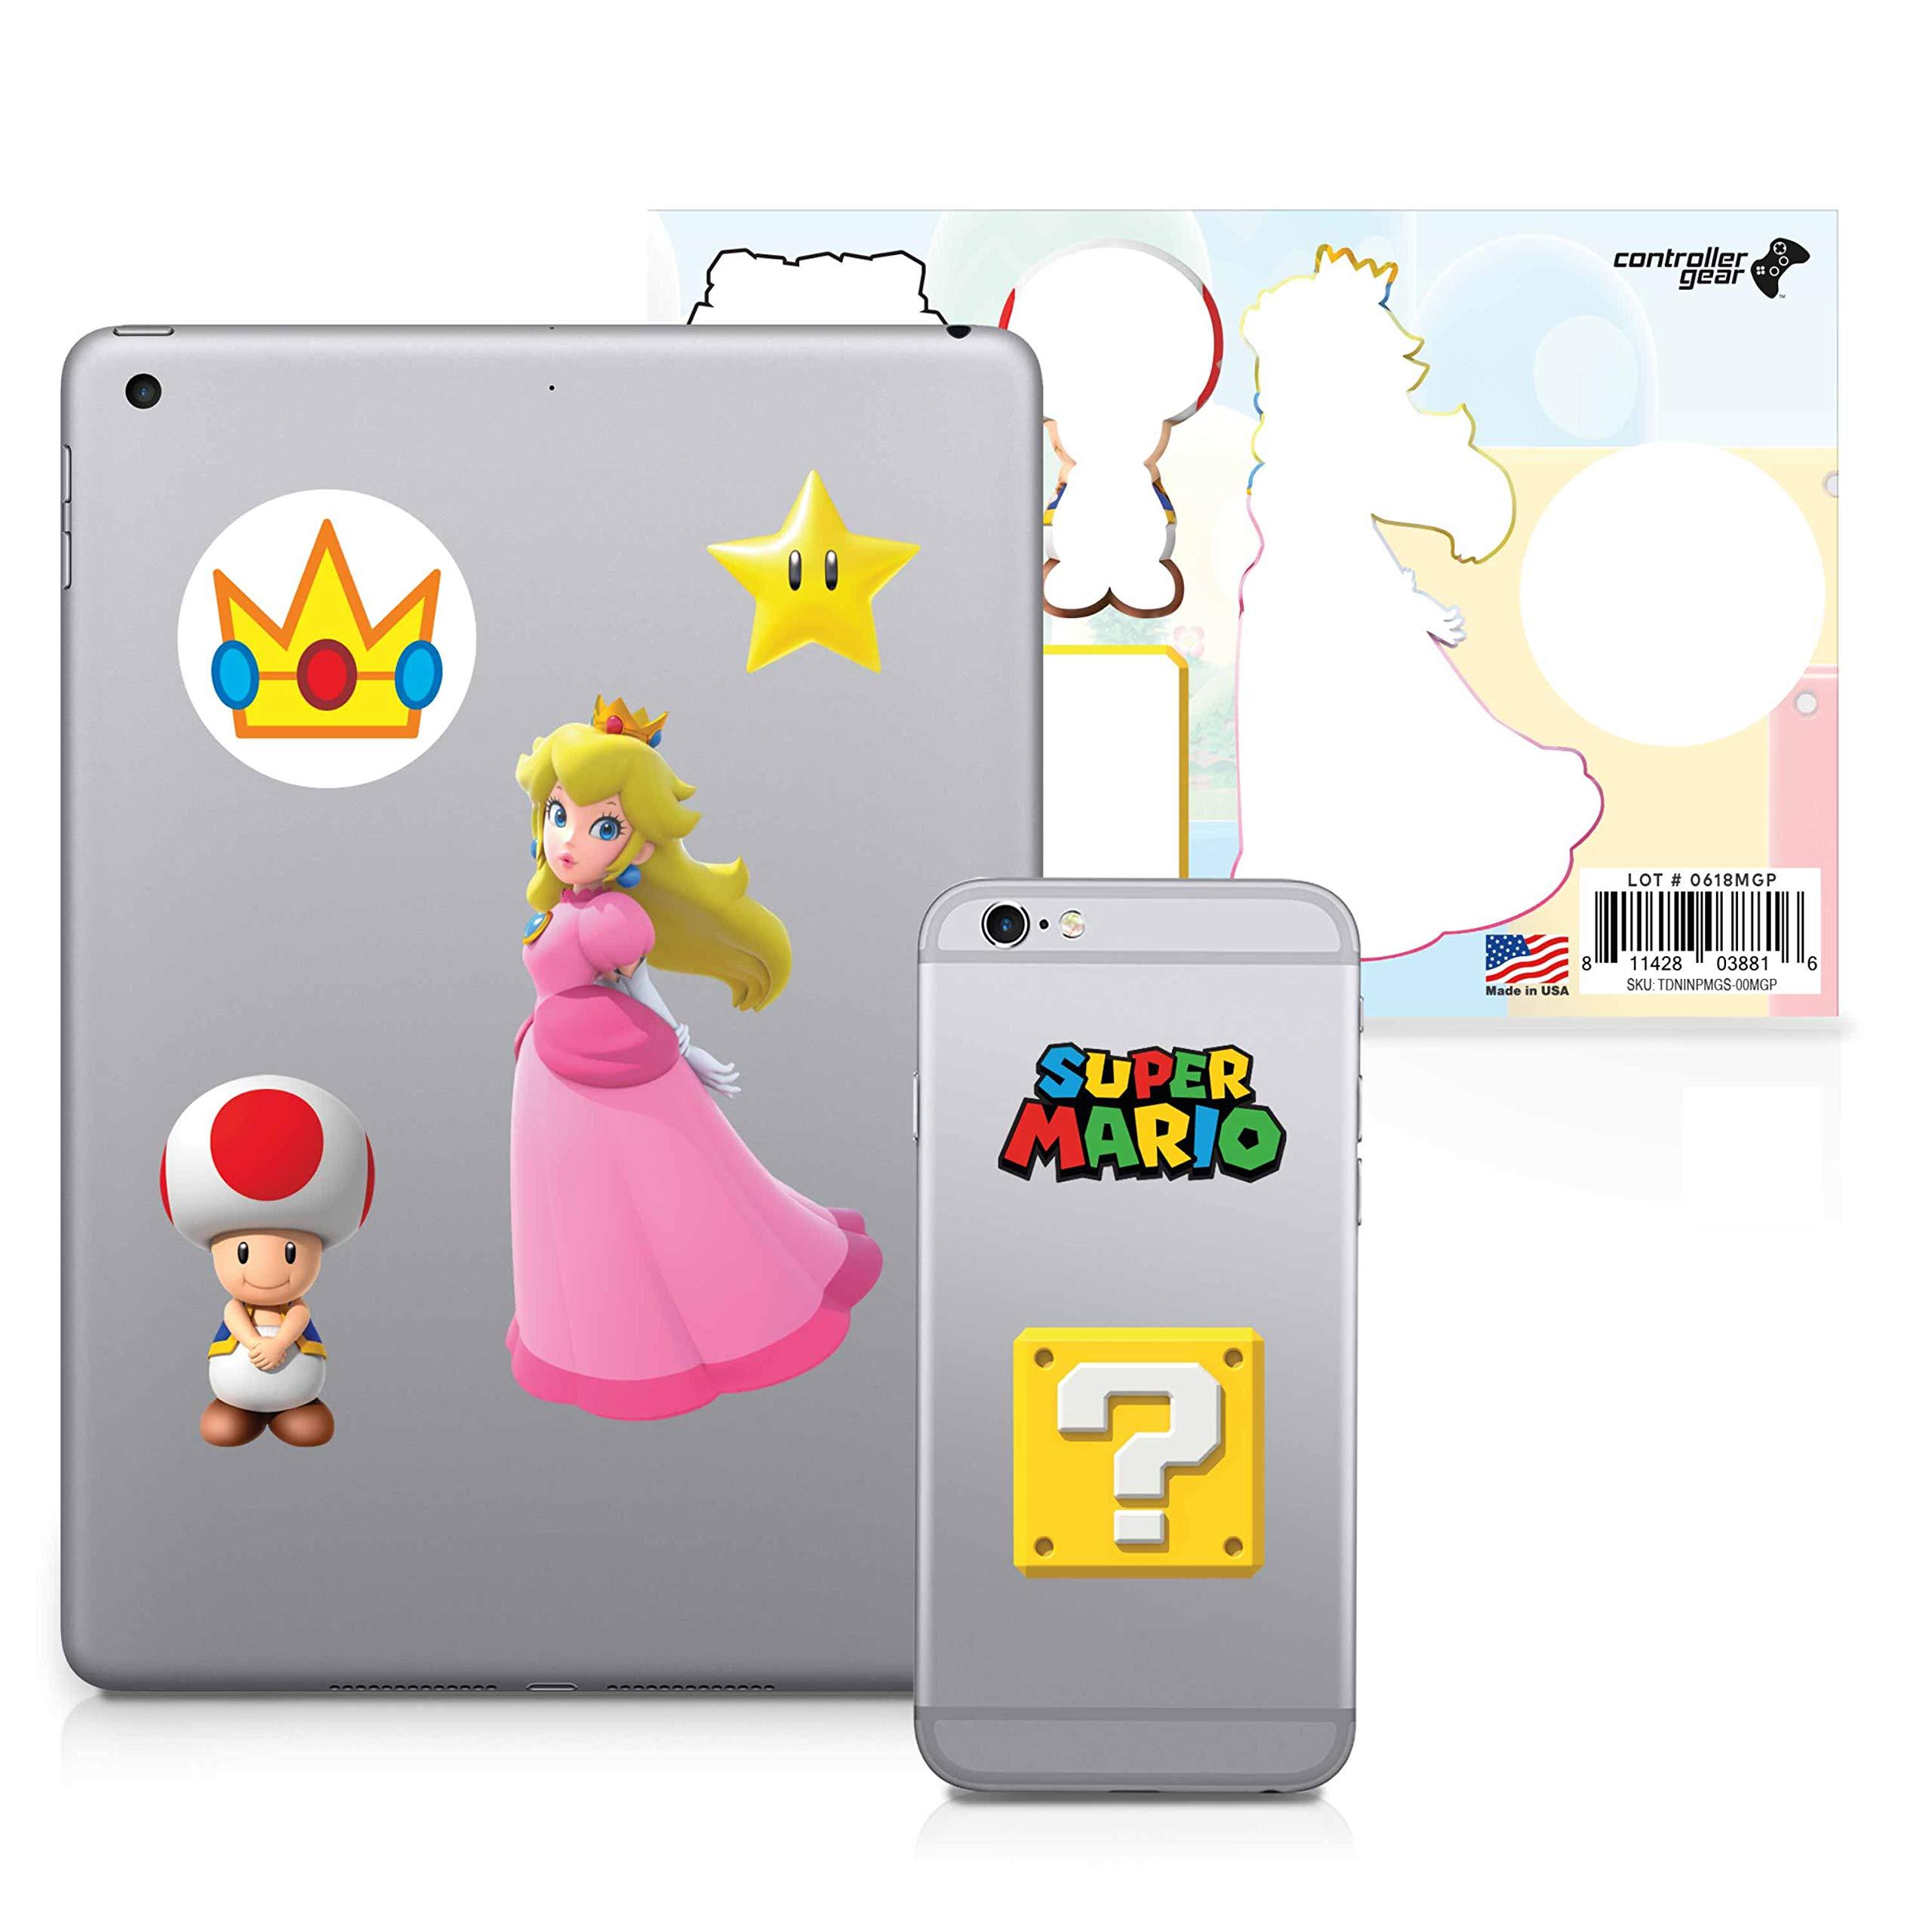 Controller Gear Super Mario - Character Tech